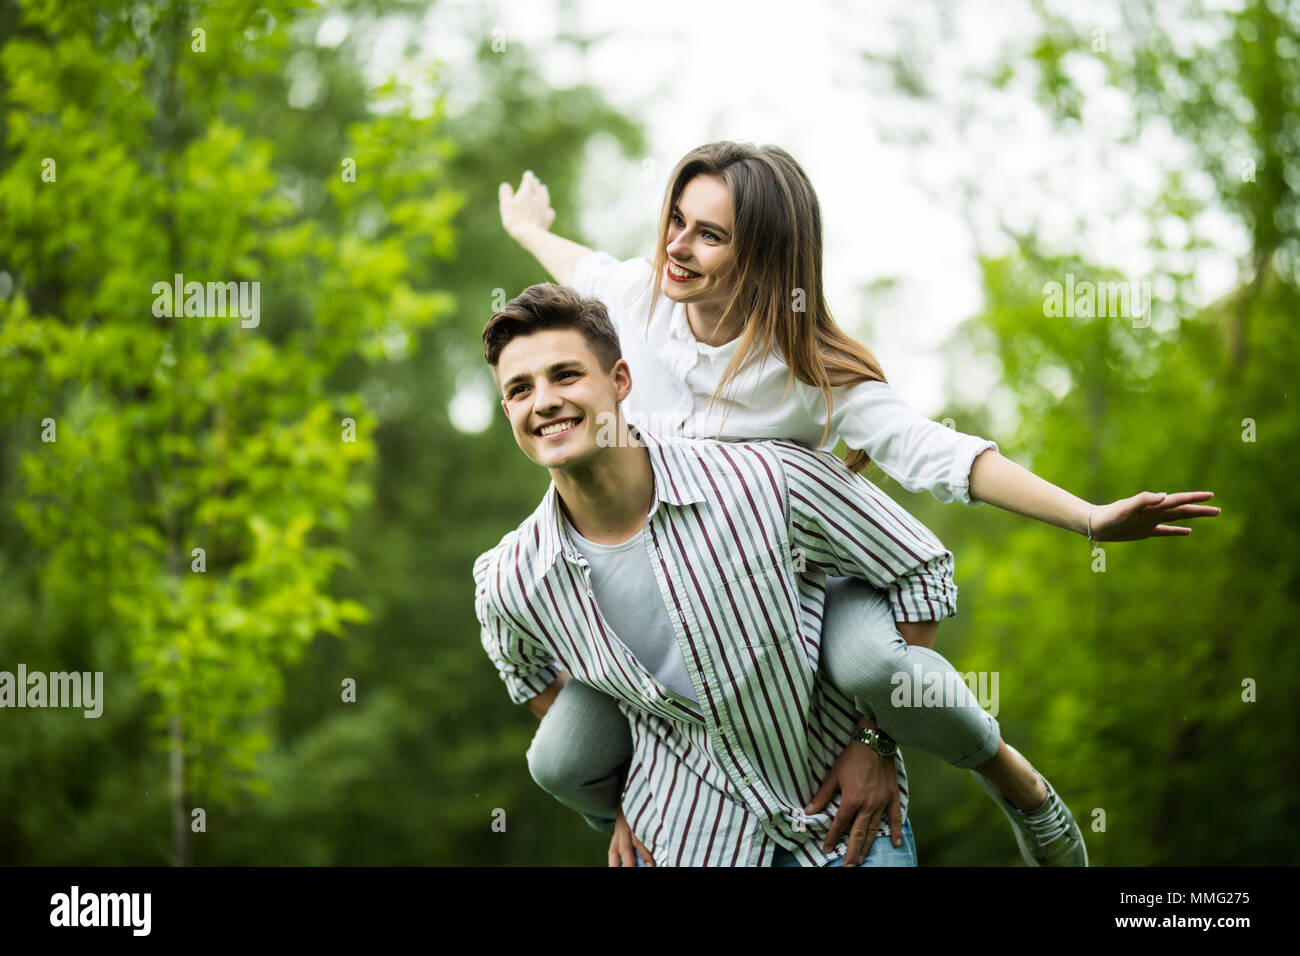 Carino dolce piggybacking partner la sua signora, ella corse lui, sono ben vestito, eccitato, incantevoli, con diffusione le mani Immagini Stock